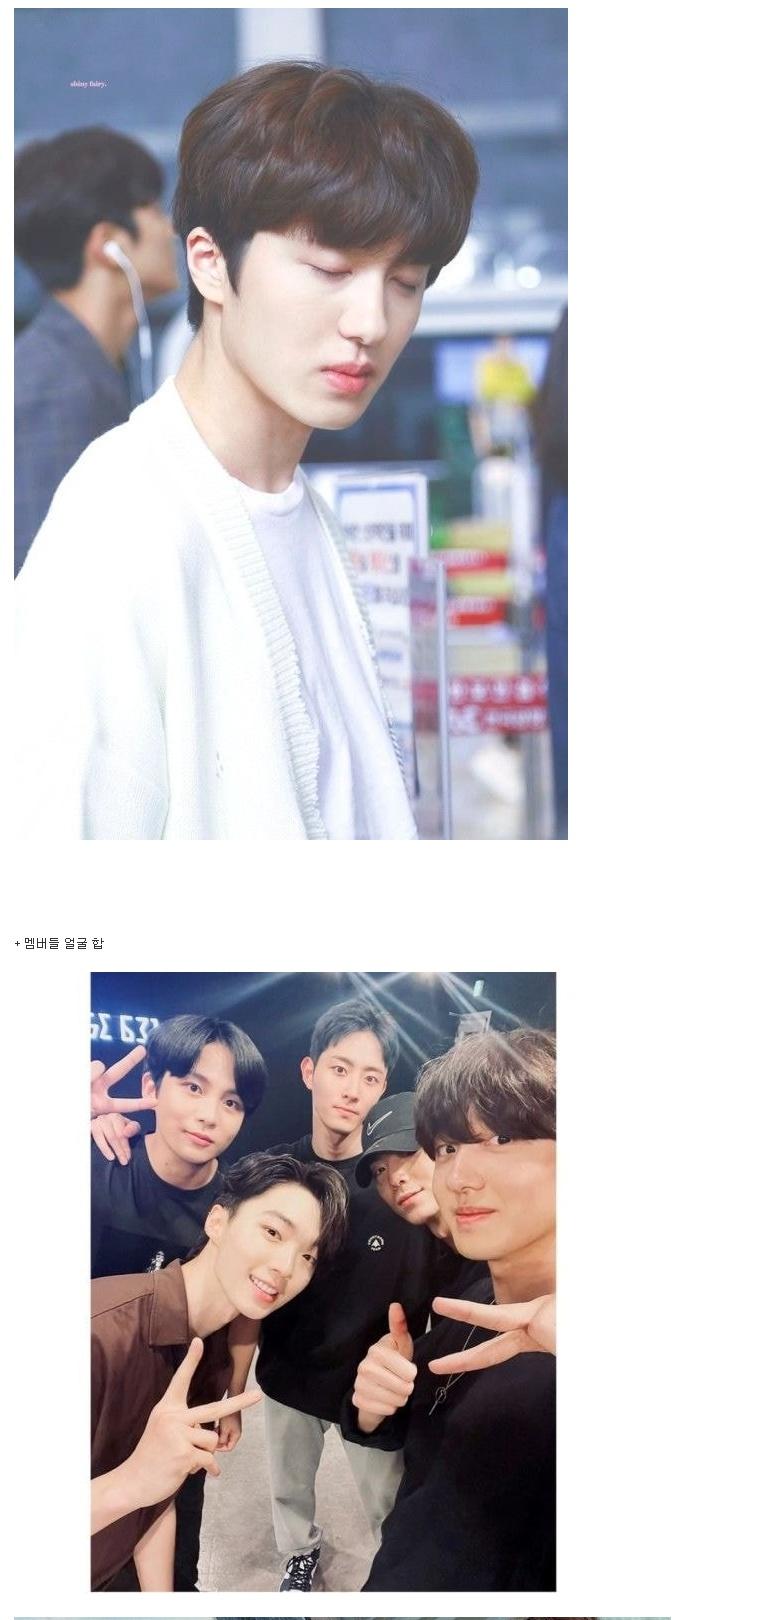 가상아이돌그룹 만들랬더니 최고조합 뽑아낸 드라마 | 인스티즈